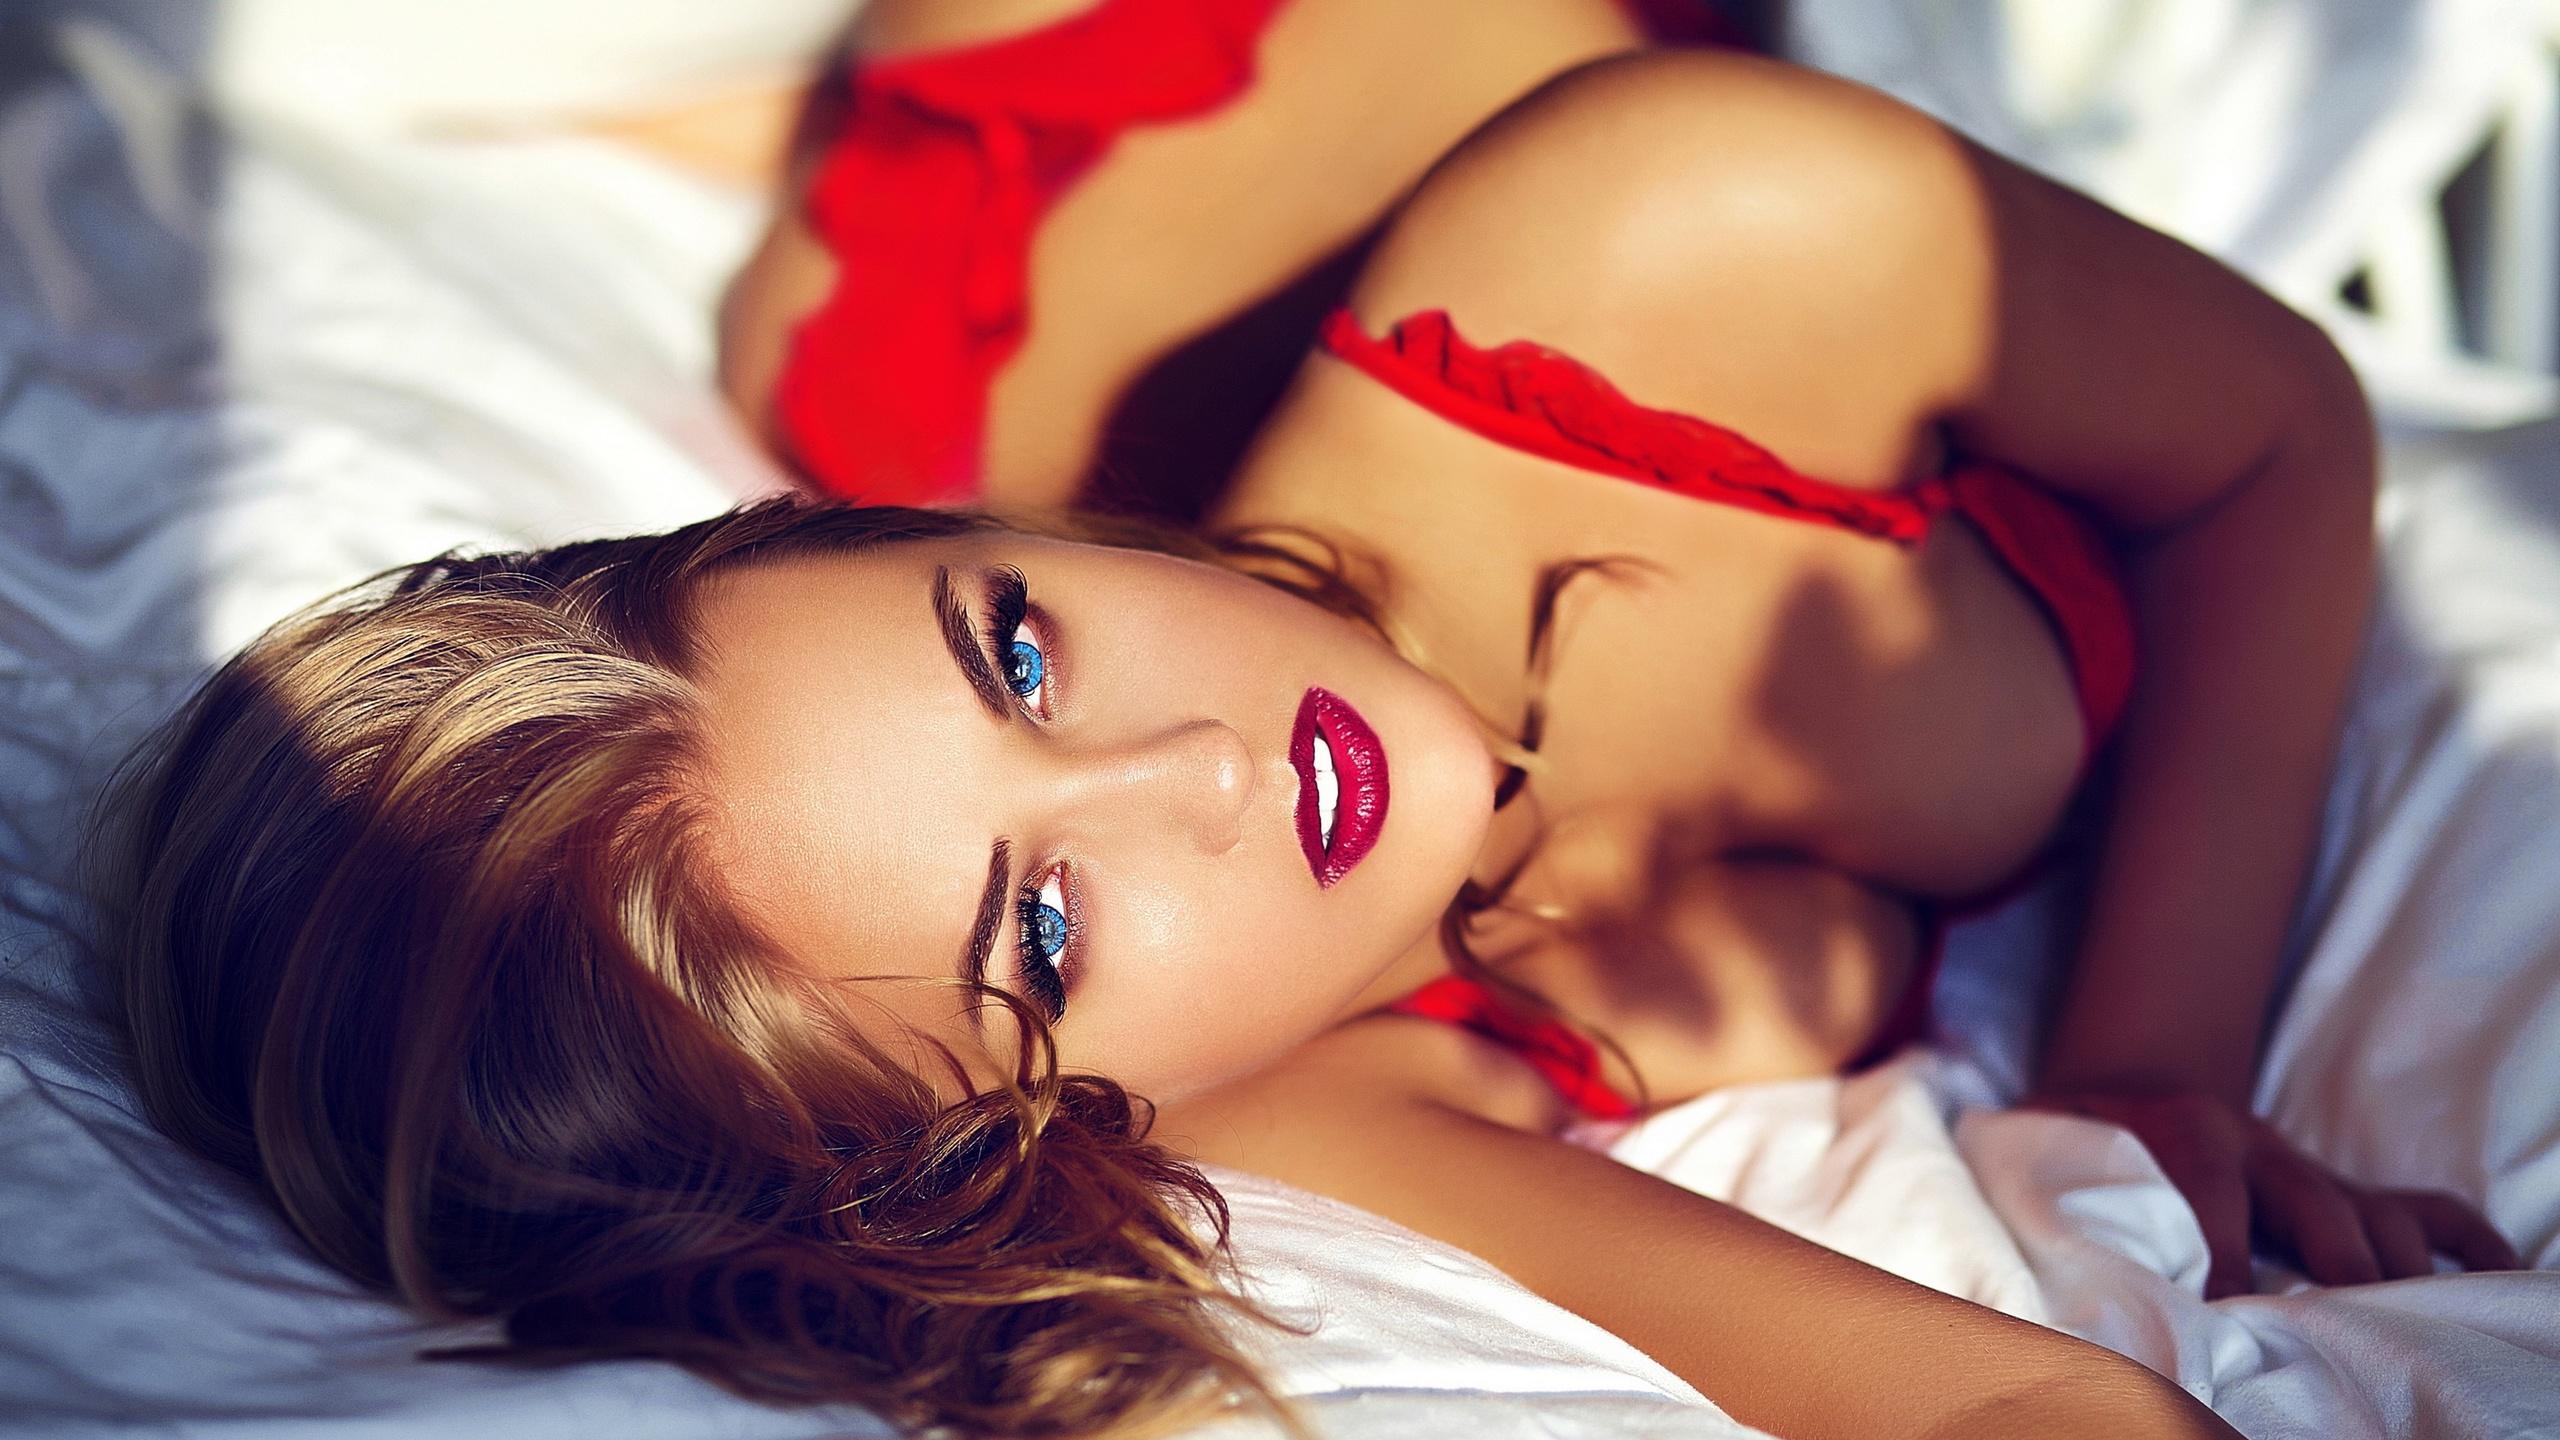 Фото секси гламурных, Гламурные девушки с шикарными прелестями. Фото 24 фотография